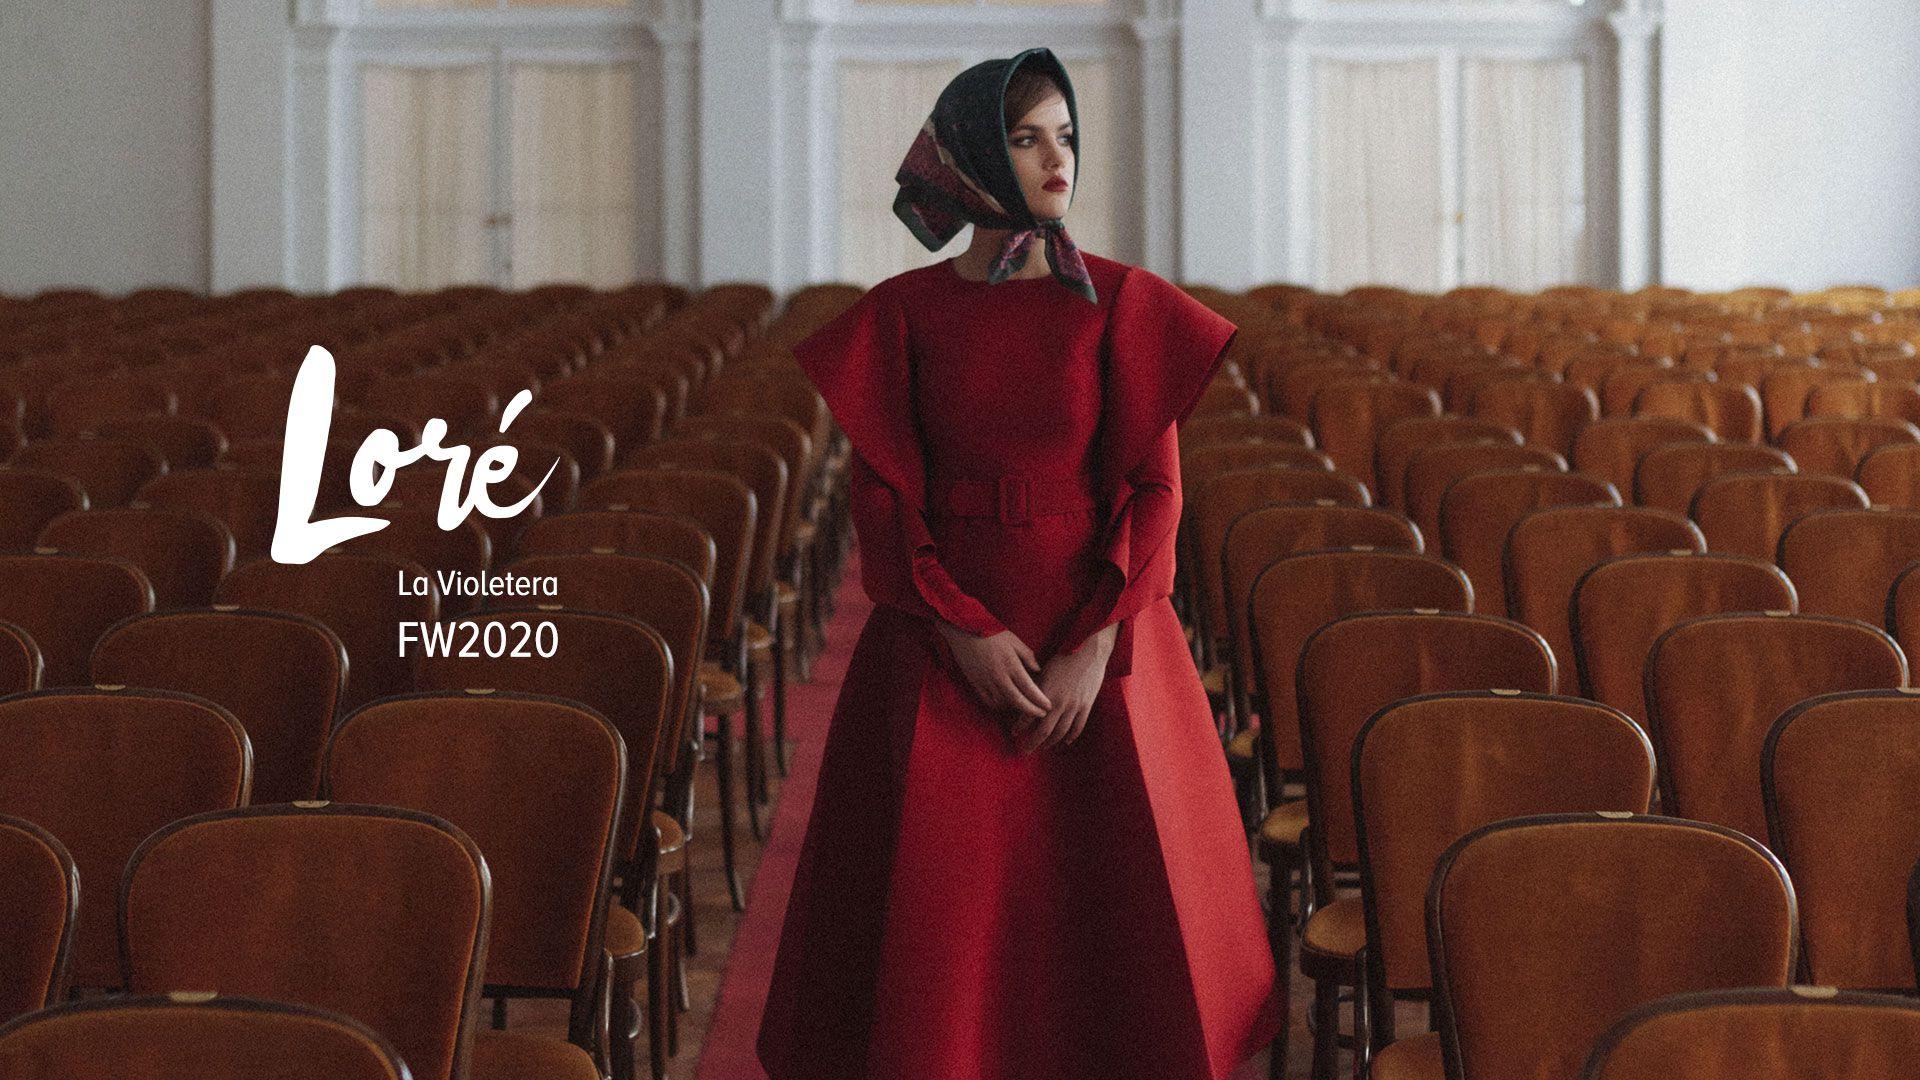 Nova kampanja kolekcije brenda Loré inspirirane španjolskim filmskim klasikom